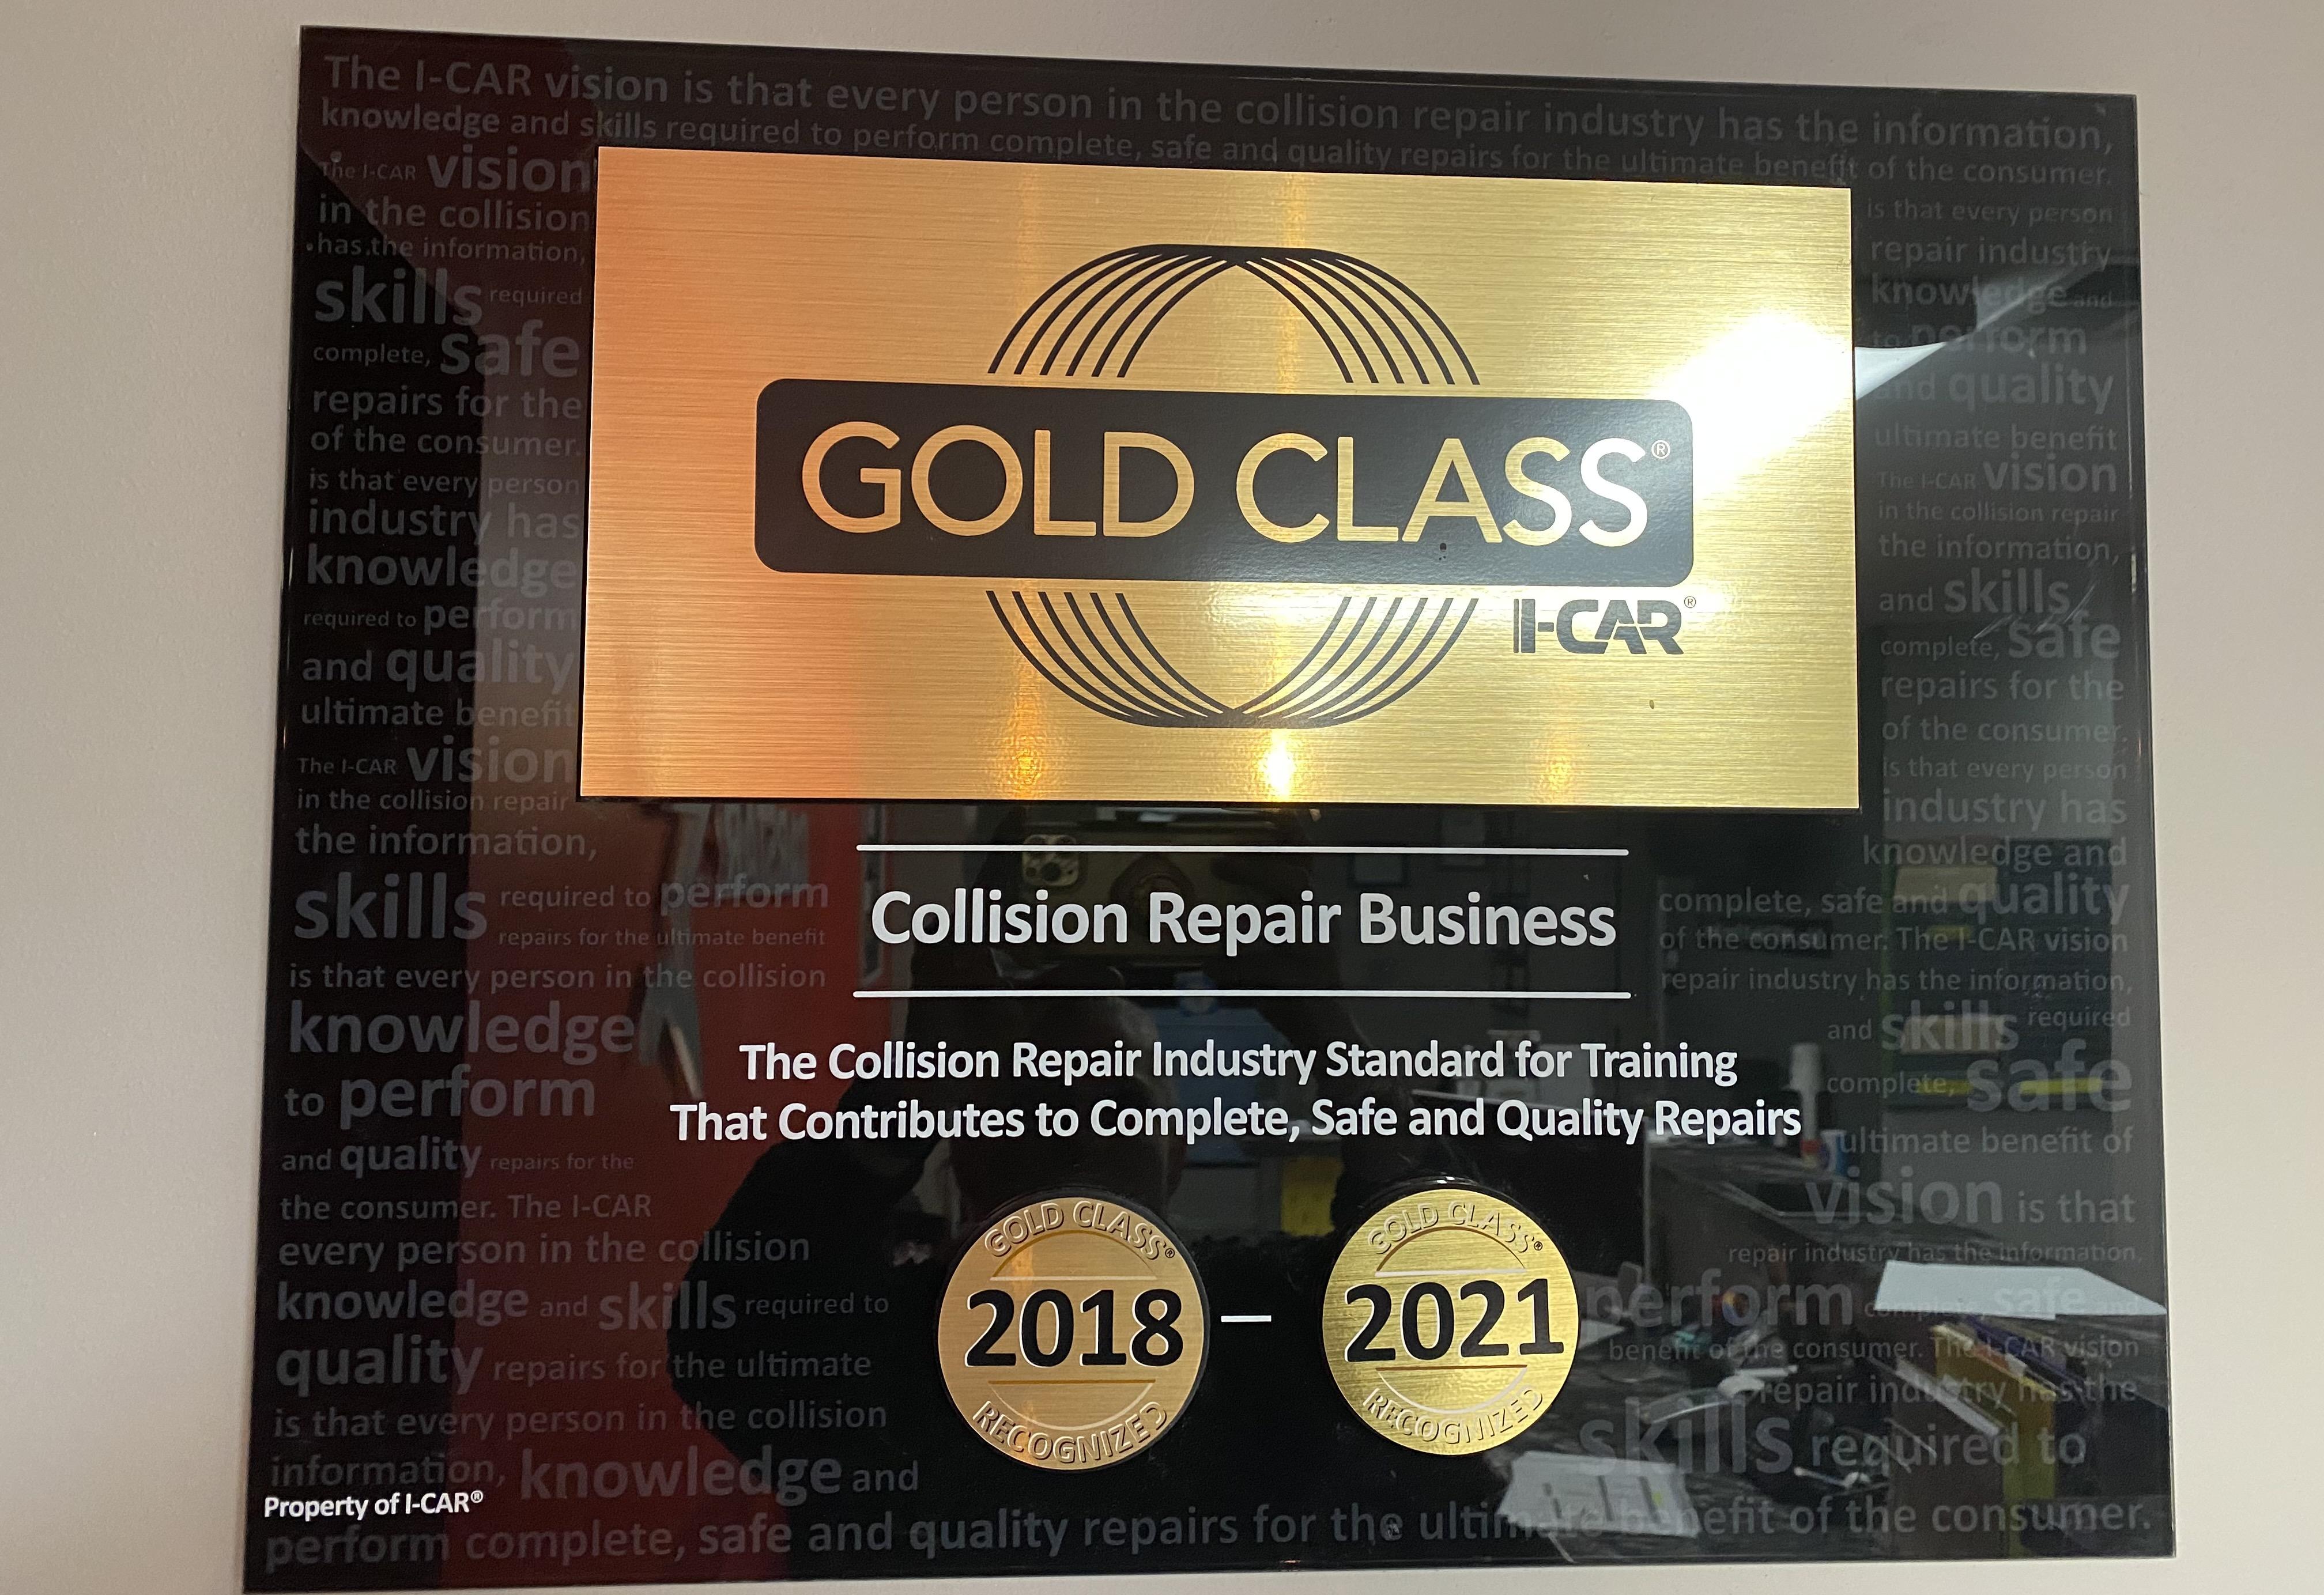 Carstar | I-CAR Gold Class Shop